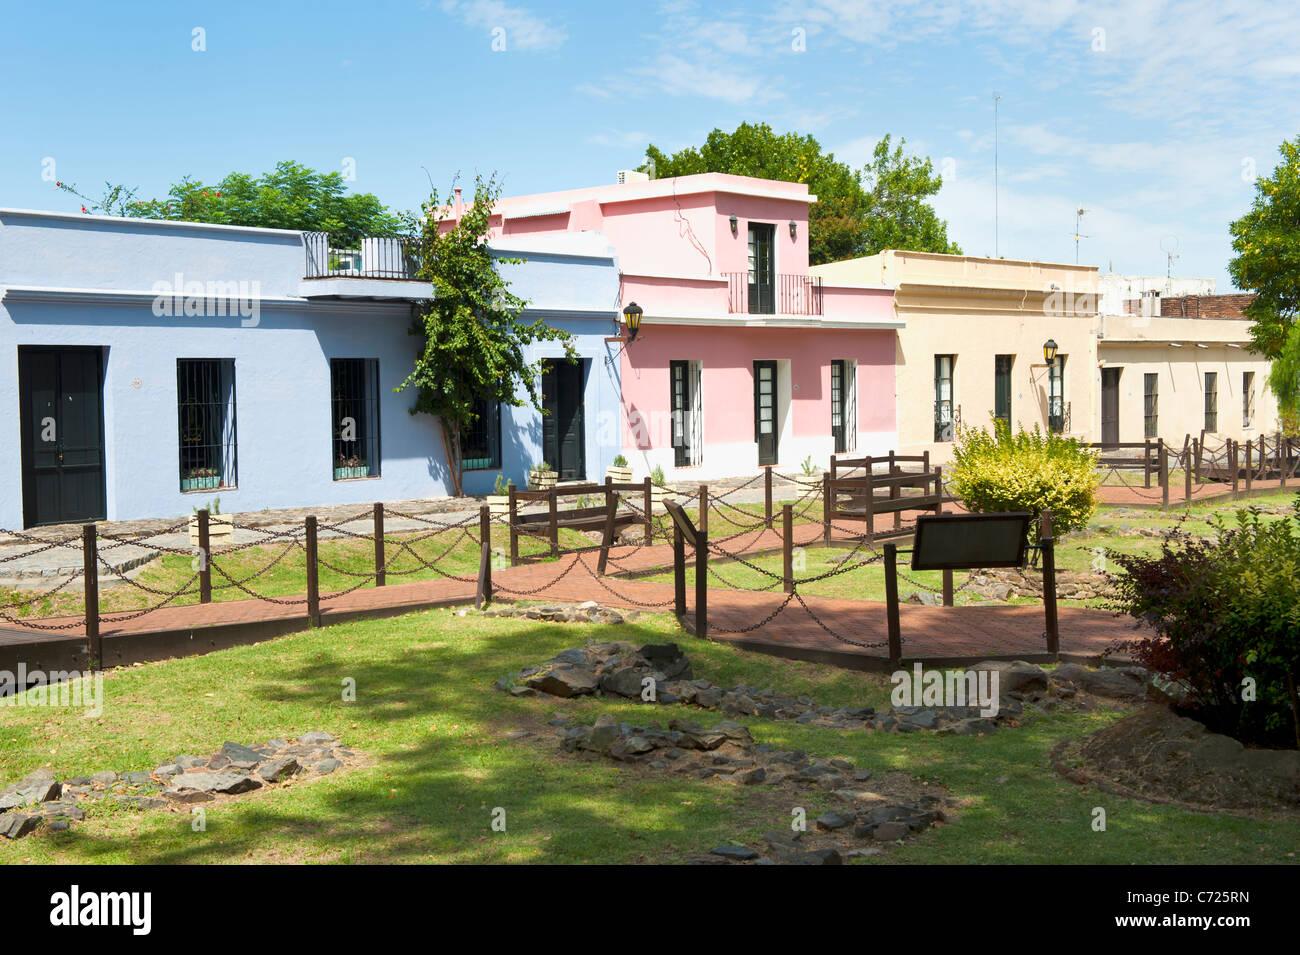 Colonia del Sacramento, Città Vecchia, Uruguay Immagini Stock